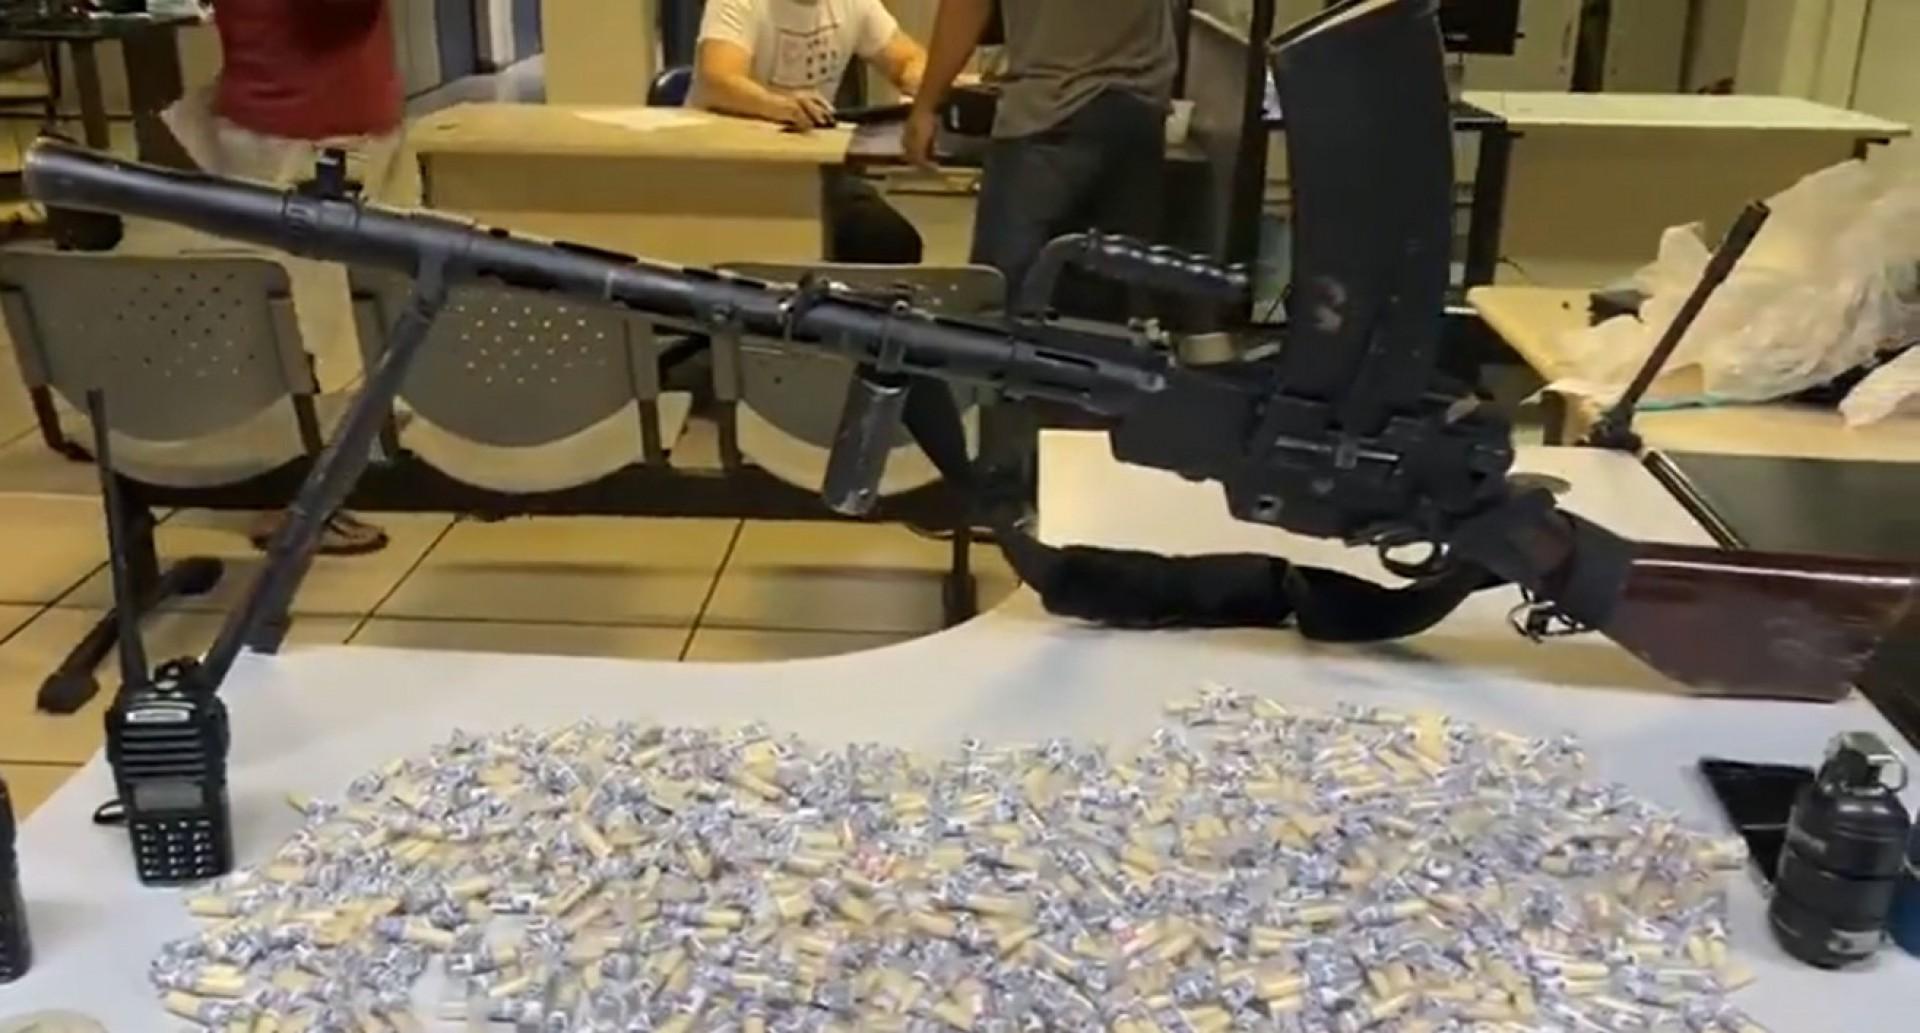 Arma foi apreendida na noite desta sexta - Divulgação / Polícia Militar